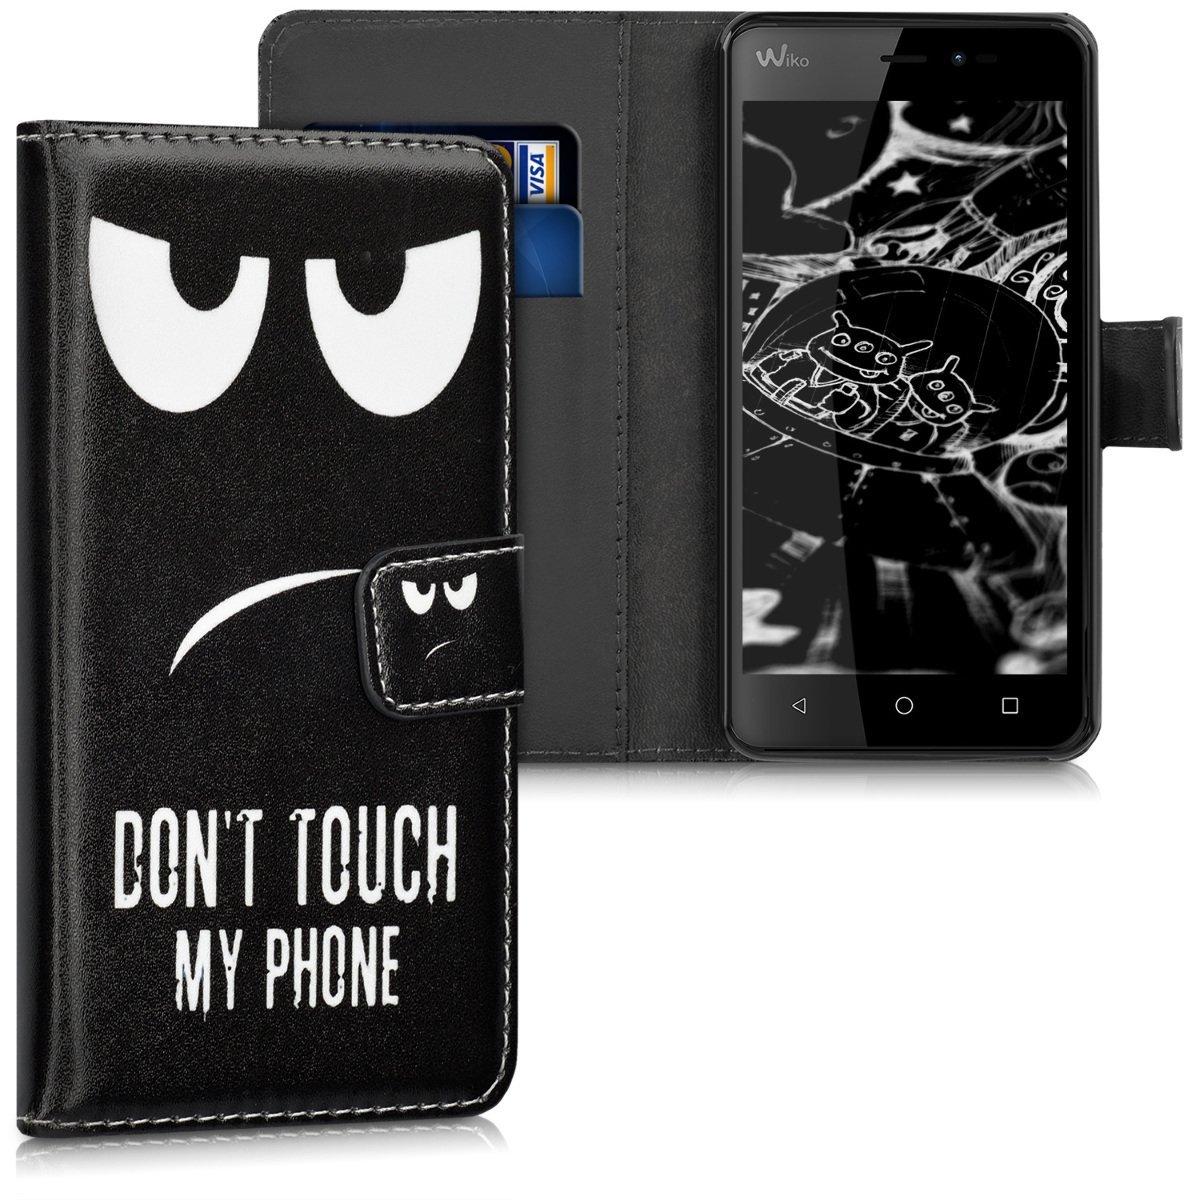 KW Θήκη - Πορτοφόλι Wiko Freddy - Don't Touch My Phone (39955.01)